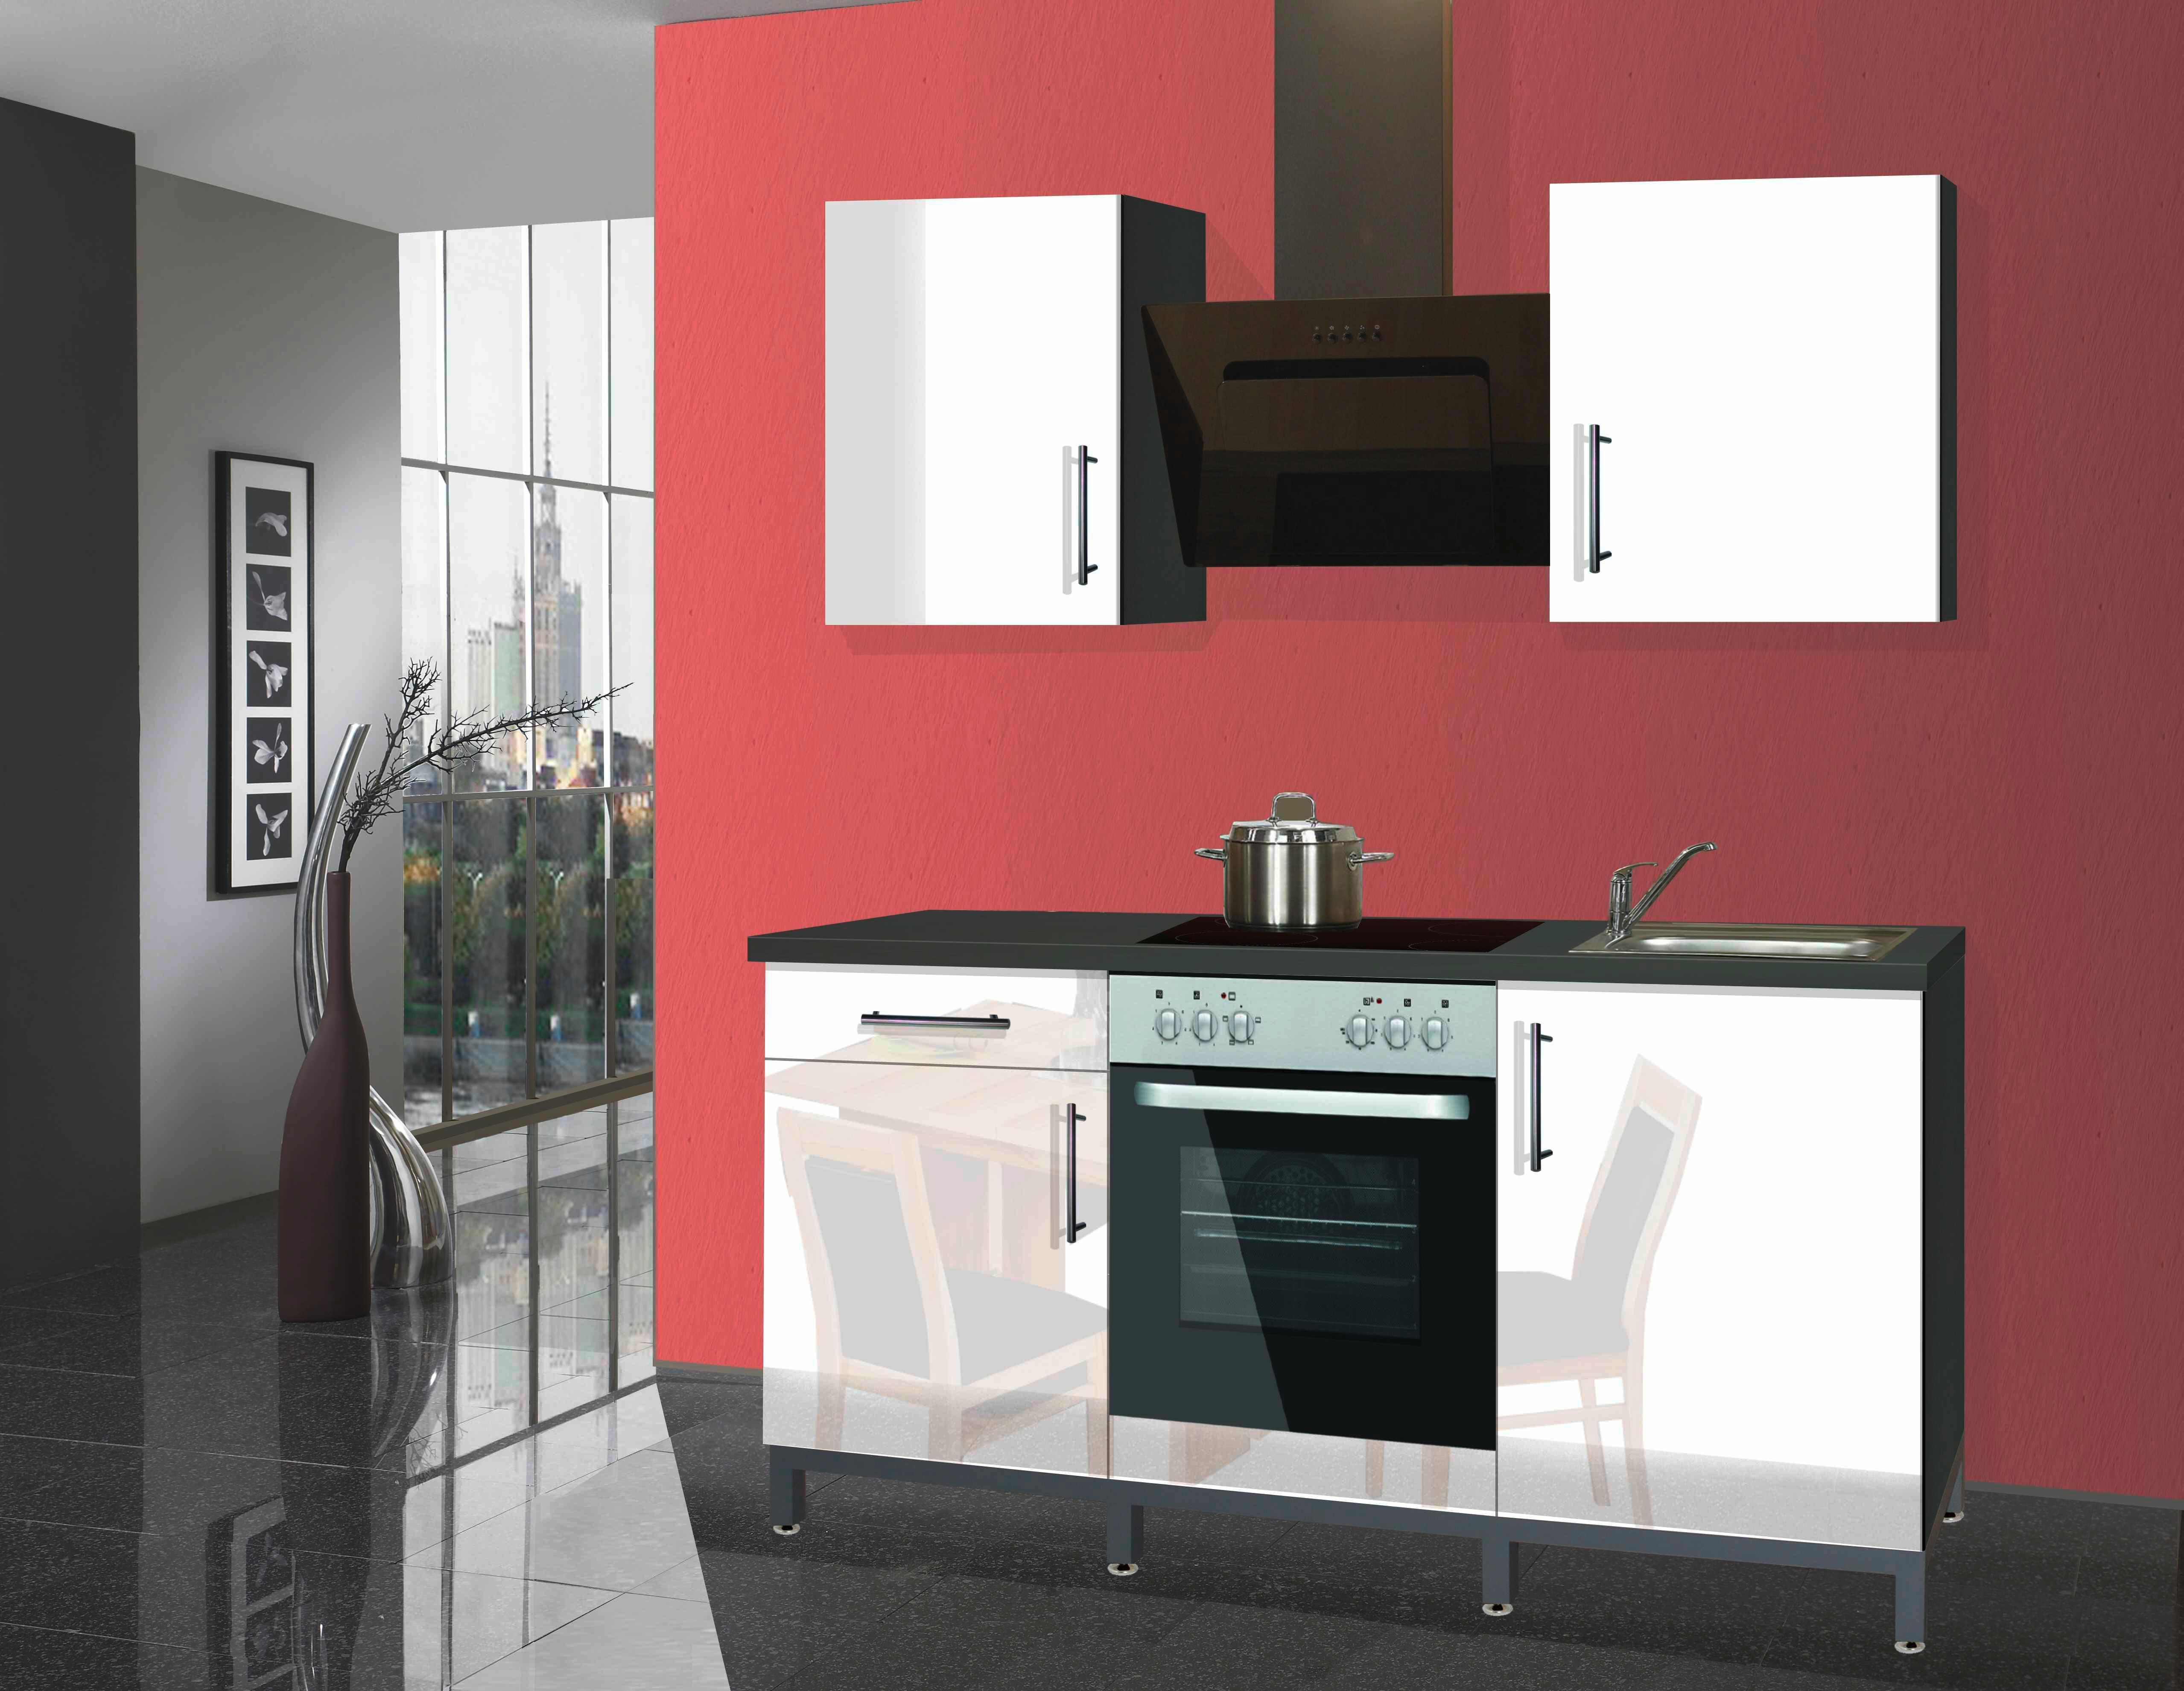 Miniküche Mit Kühlschrank 180 Cm : Miniküche rack time ii cm grau weiß online kaufen ➤ möbelix